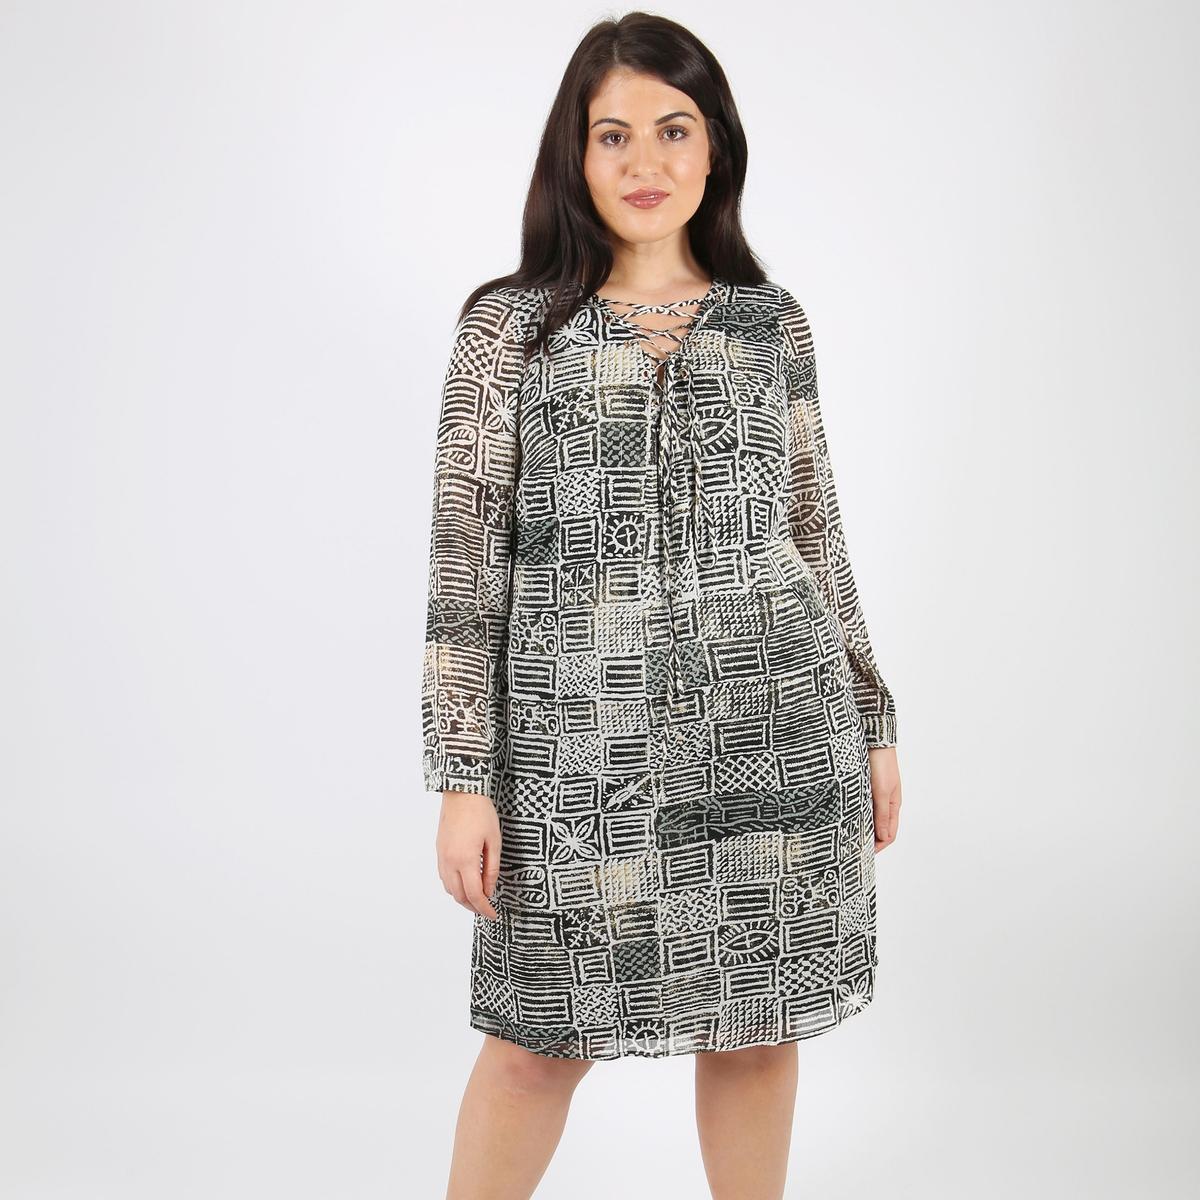 Платье расклешенное средней длиныДетали •  Форма : расклешенная •  Длина до колен •  Длинные рукава    •   V-образный вырез •  Рисунок-принтСостав и уход •  100% полиэстер •  Следуйте рекомендациям по уходу, указанным на этикетке изделияТовар из коллекции больших размеров<br><br>Цвет: набивной рисунок<br>Размер: 50/52 (FR) - 56/58 (RUS).46 (FR) - 52 (RUS)